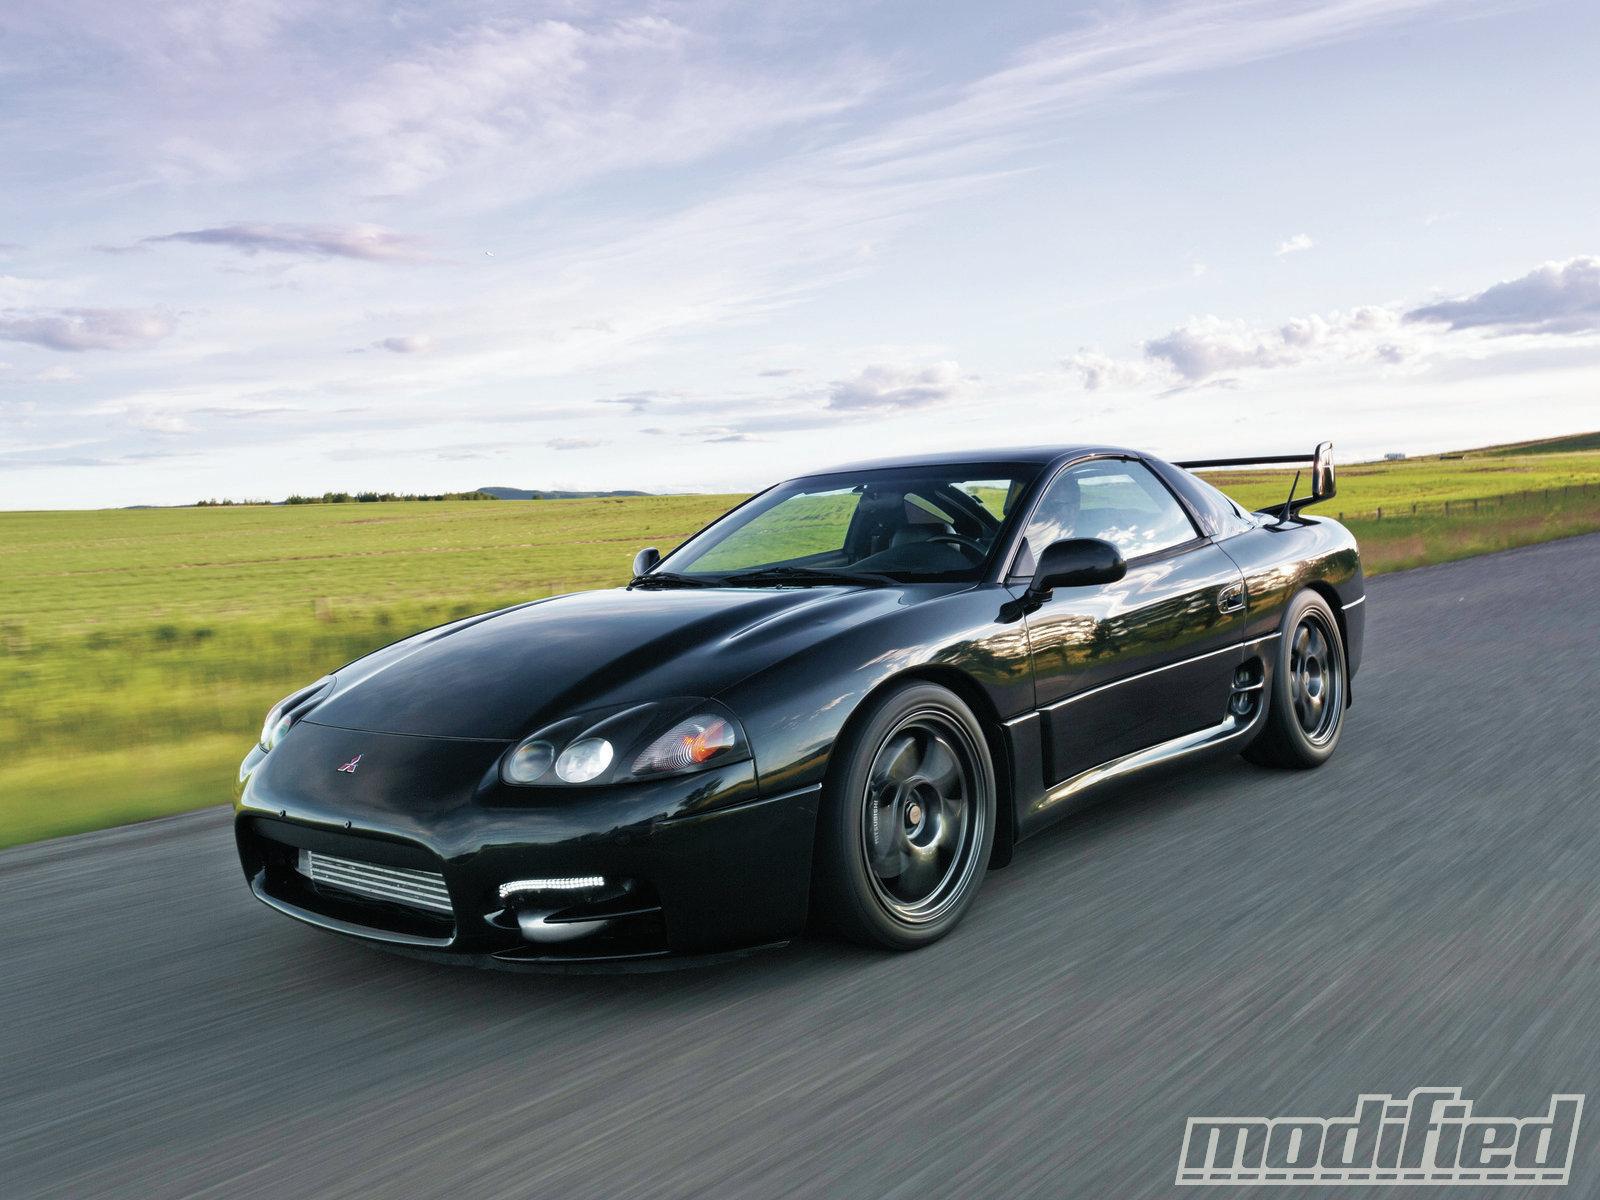 1999 Mitsubishi 3000gt Vr4 Porsche Hunter Modified Magazine